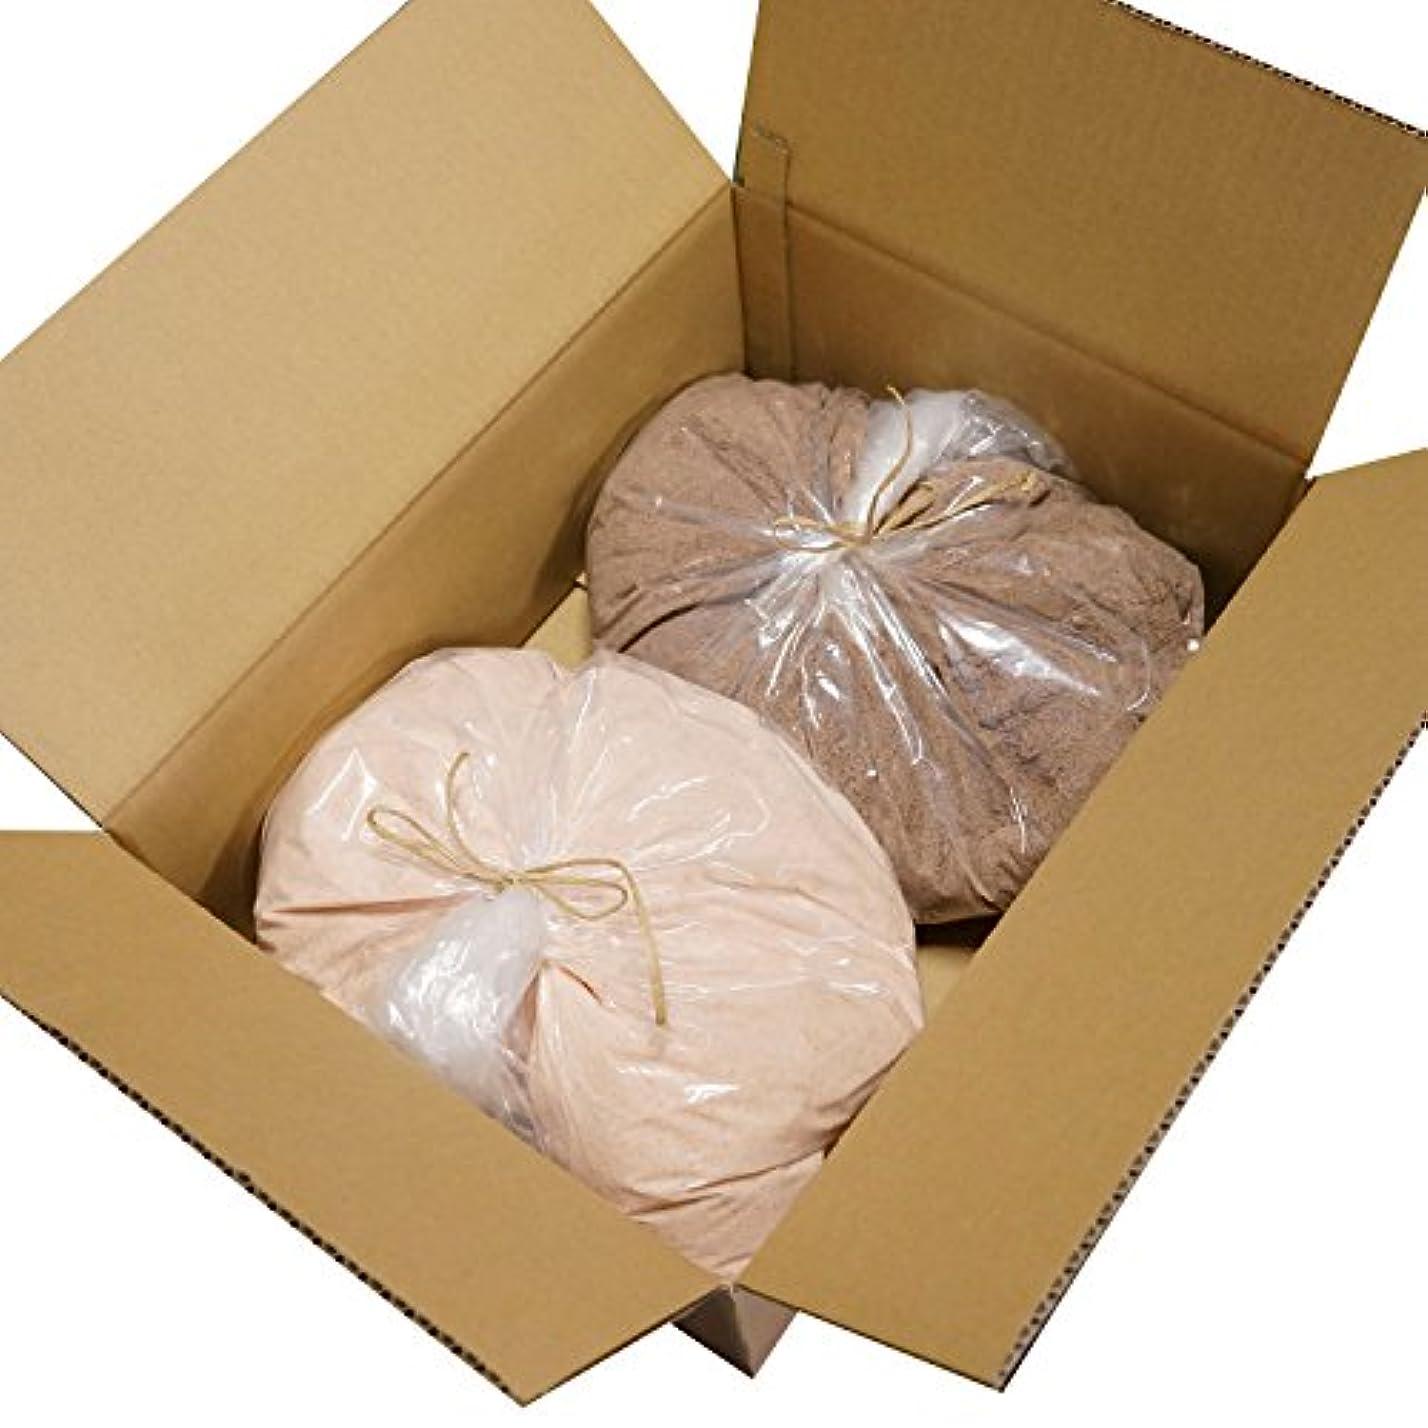 消去ハッチ信頼性のあるヒマラヤ 岩塩 ピンク ブラック パウダー 細粒タイプ 業務用 原料 (各2.5kg)